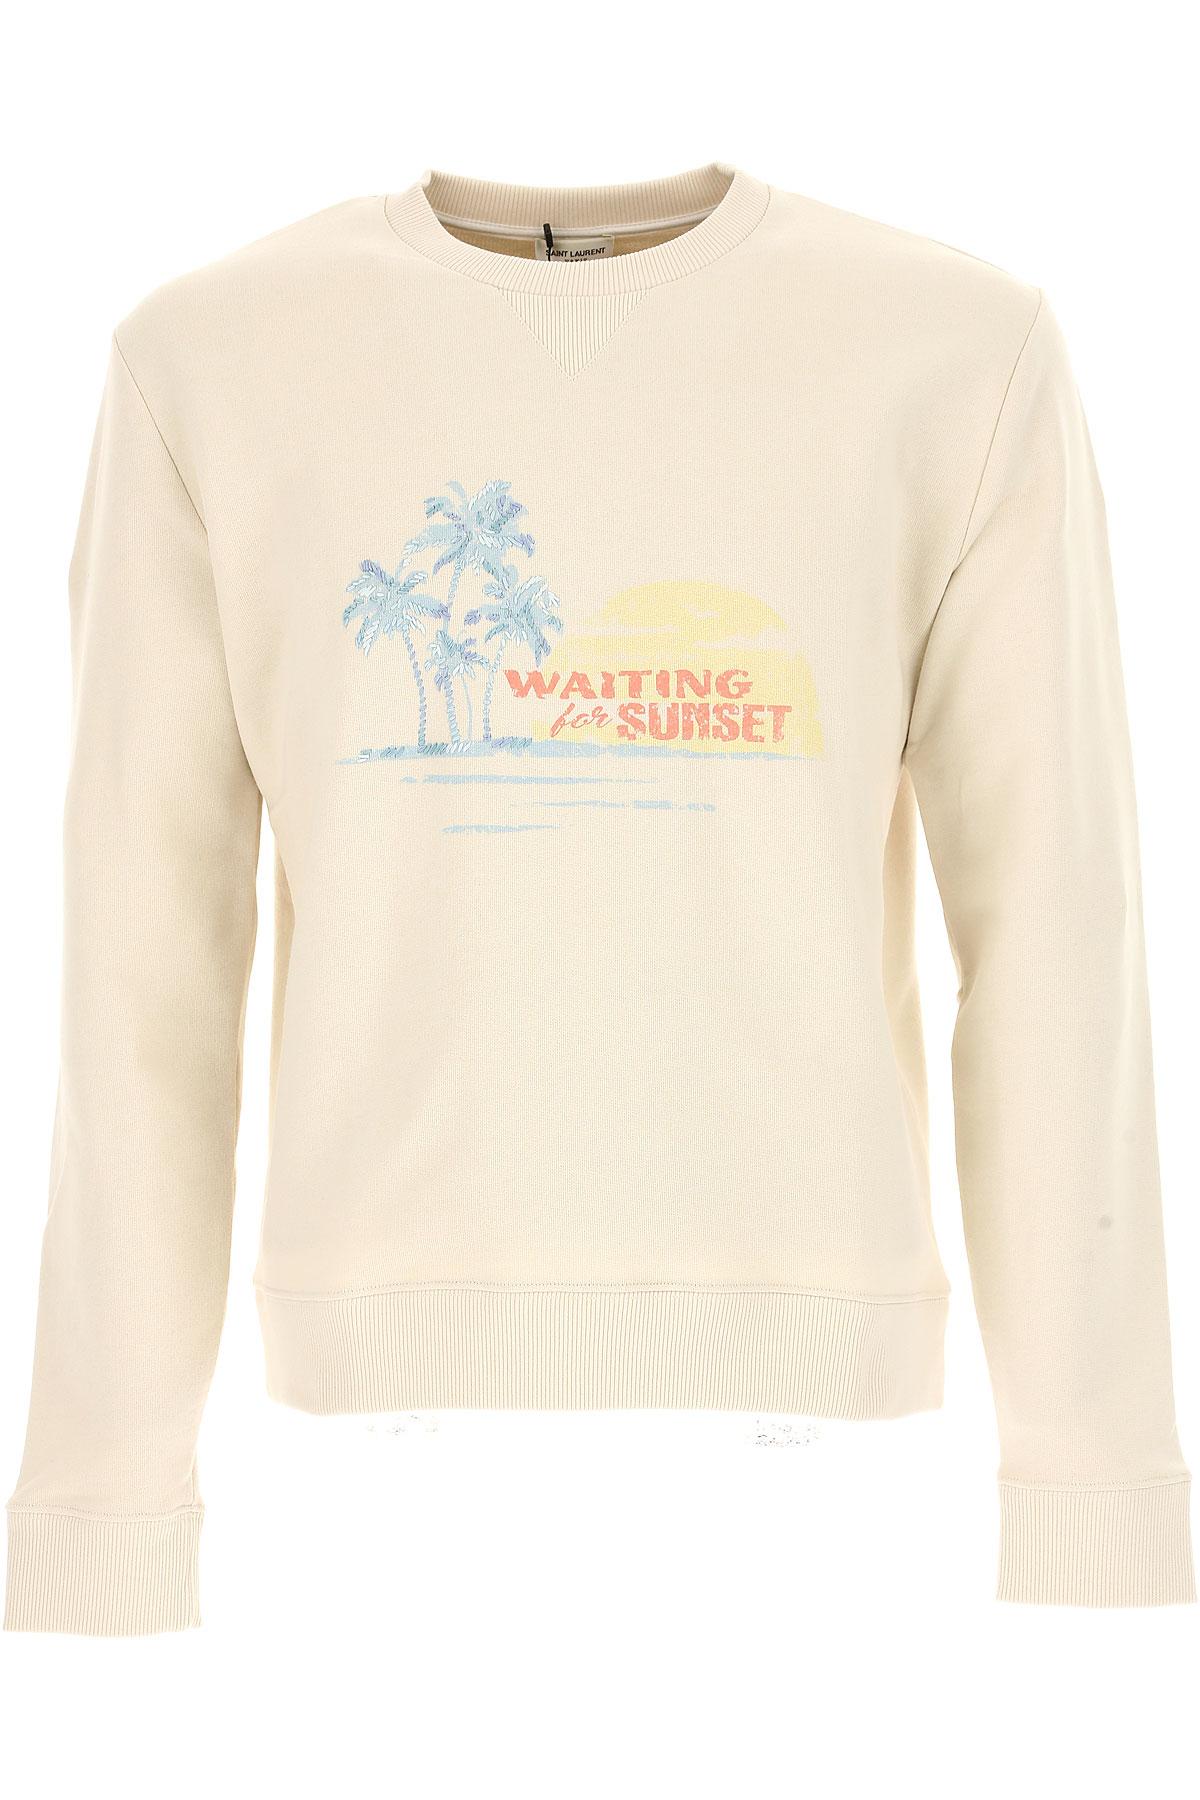 Yves Saint Laurent Sweatshirt for Men On Sale, Off White, Cotton, 2017, L M XL USA-436264